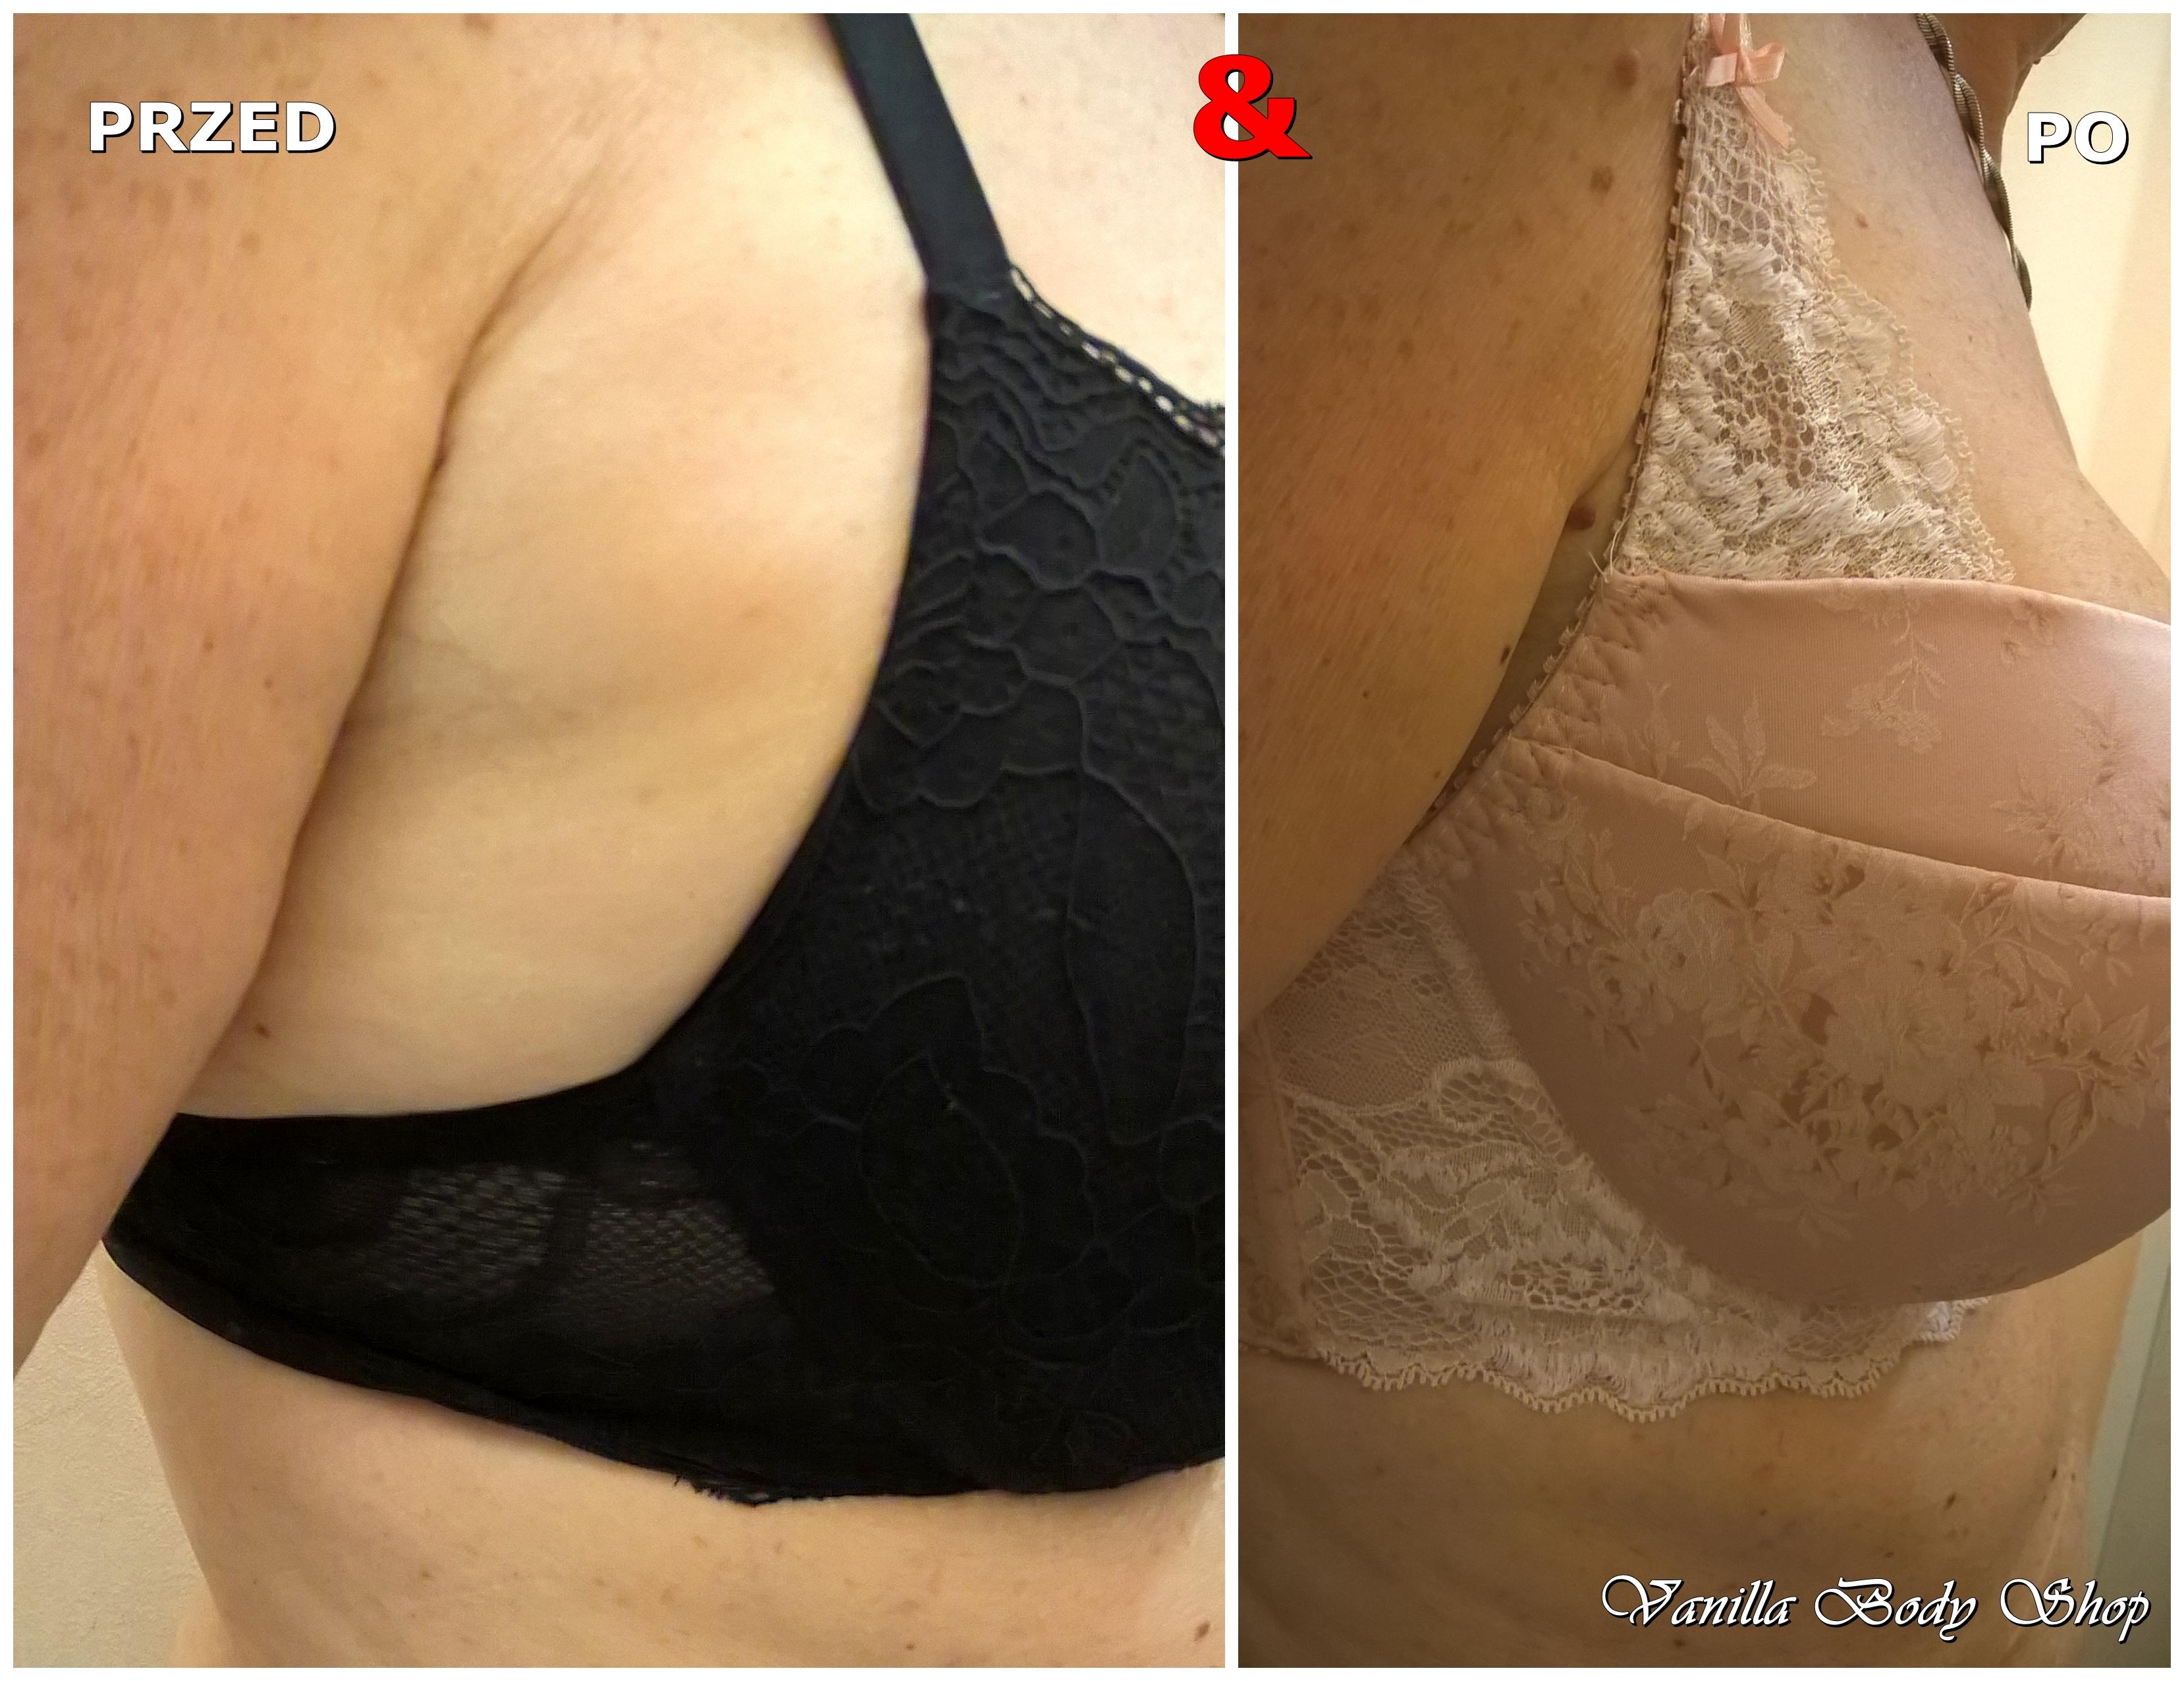 vanilla_body_shop_brafitting_bra-fitting_biustonosz_bielizna_brafitterki_stanikowa_metamorfoza_przed_po (4)